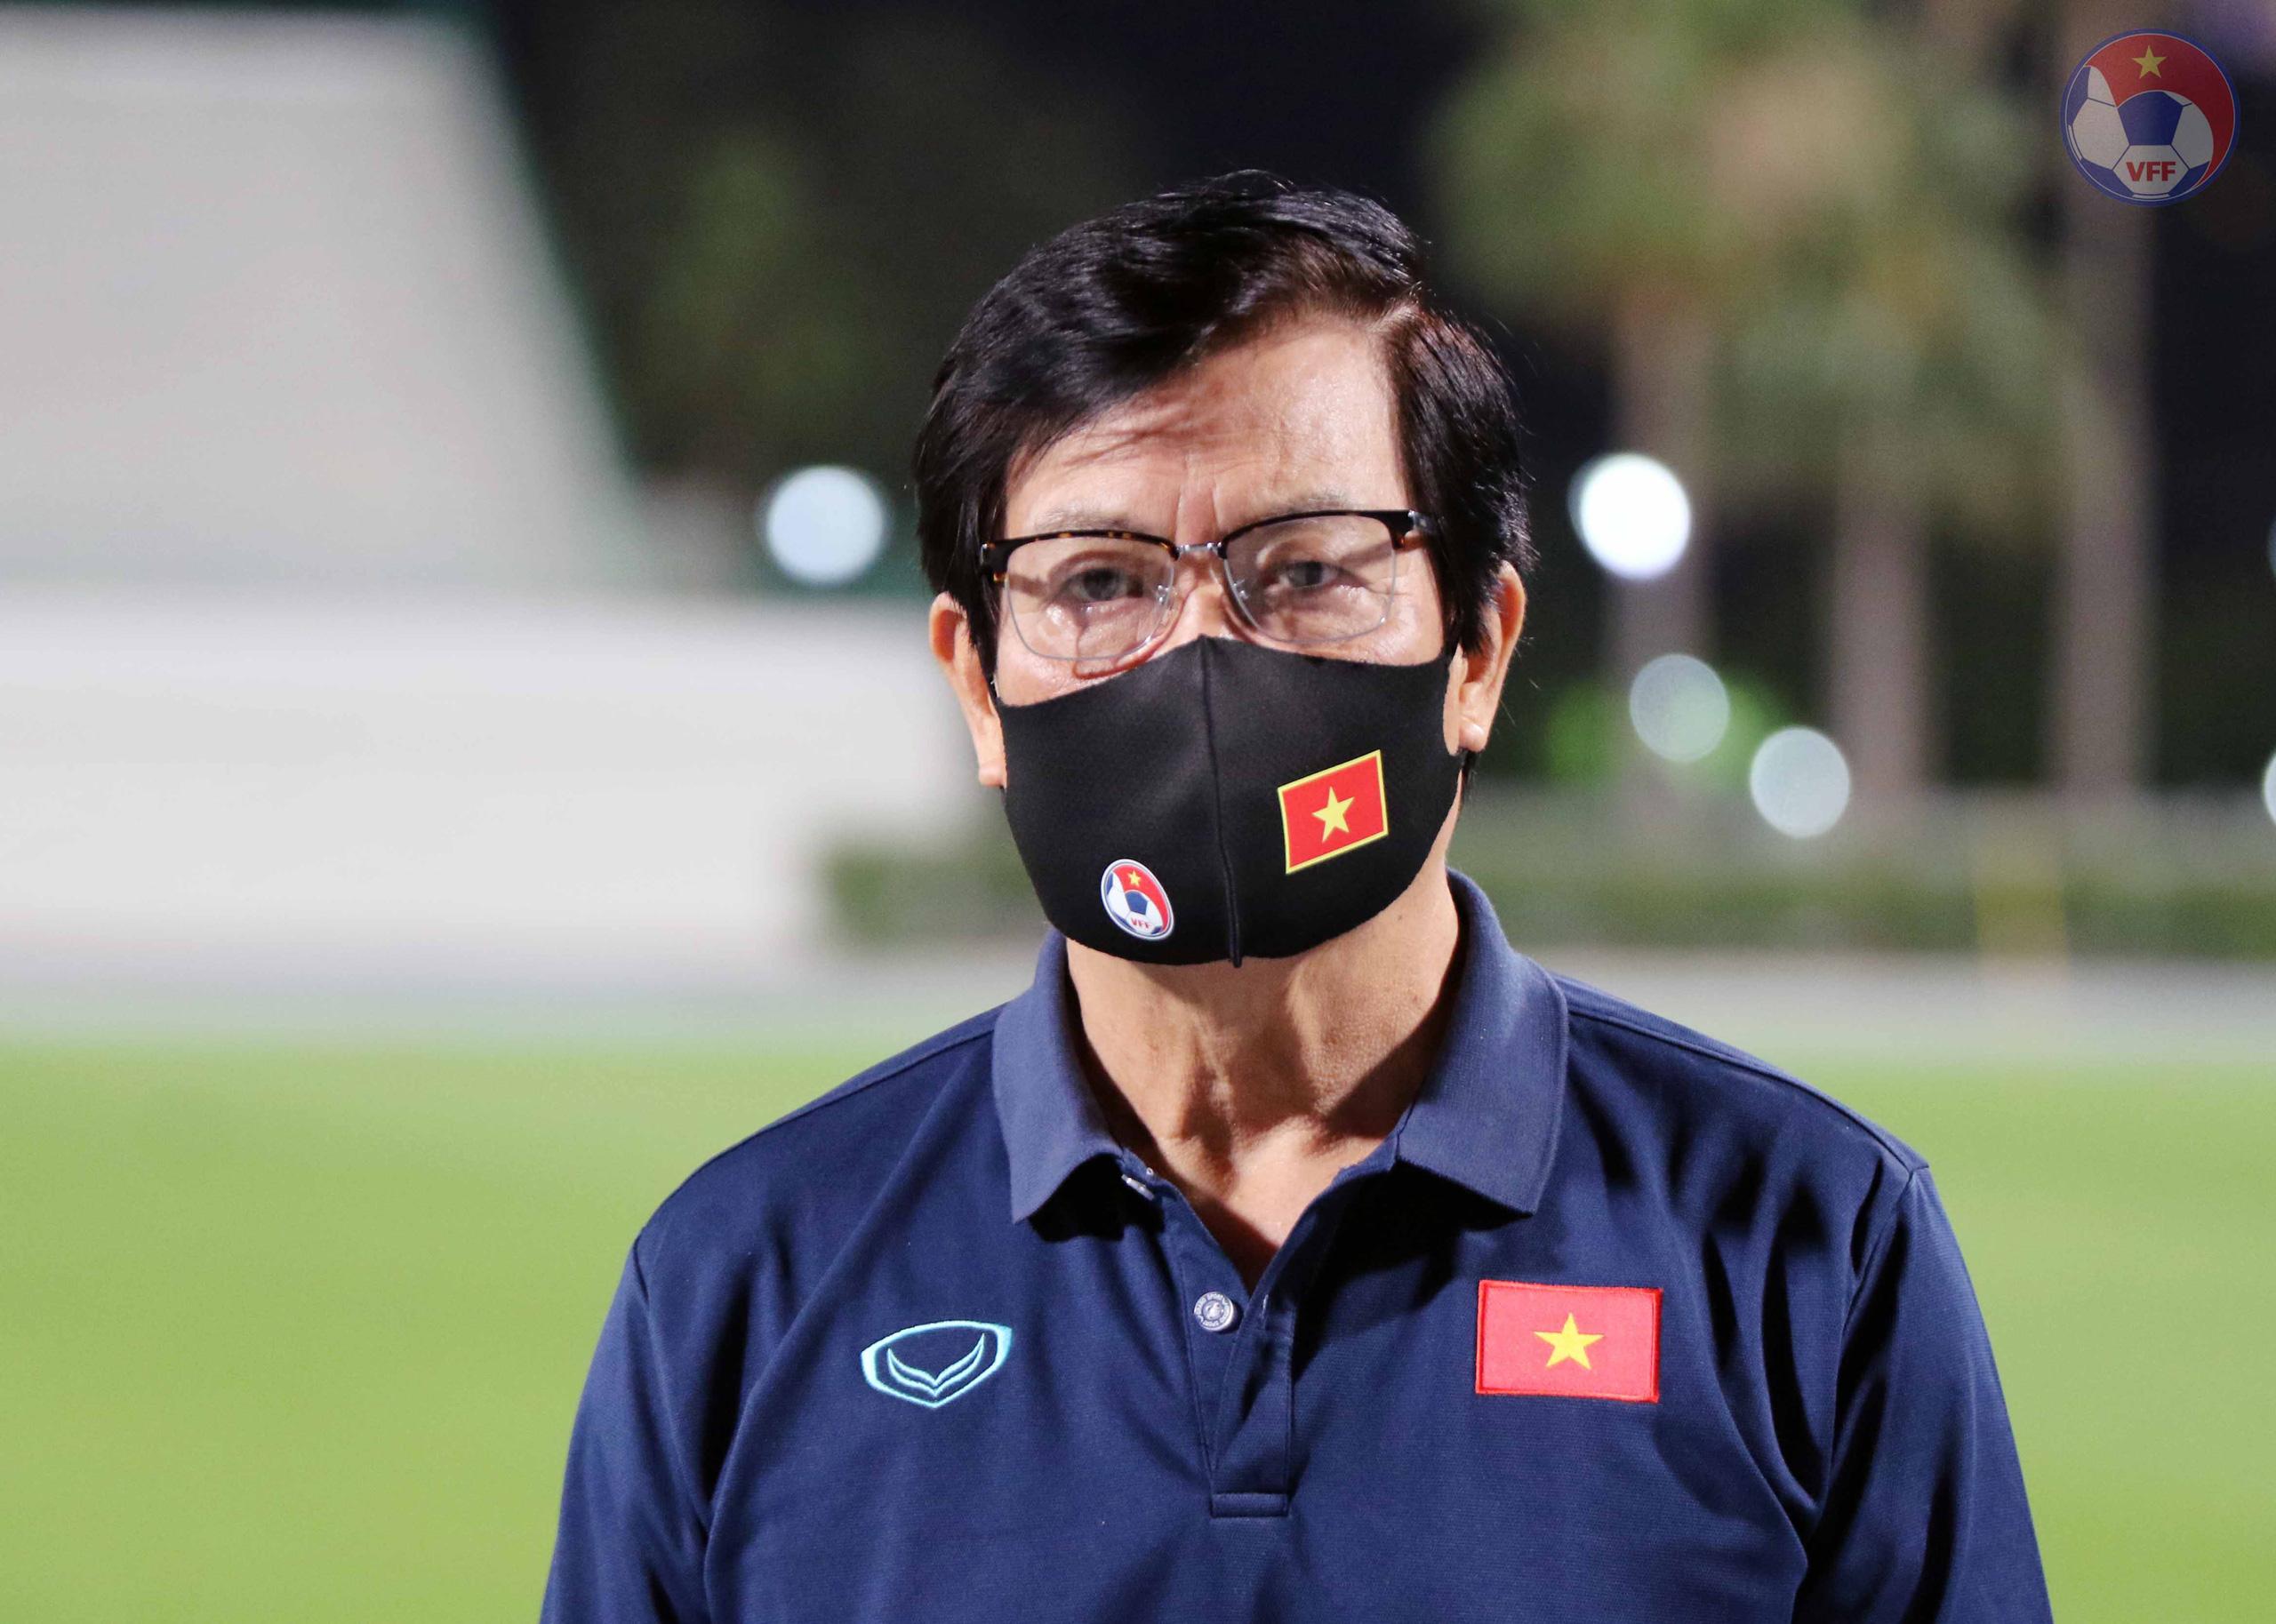 ĐT Việt Nam tại UAE: 3 tuyển thủ phải tập riêng - Ảnh 4.